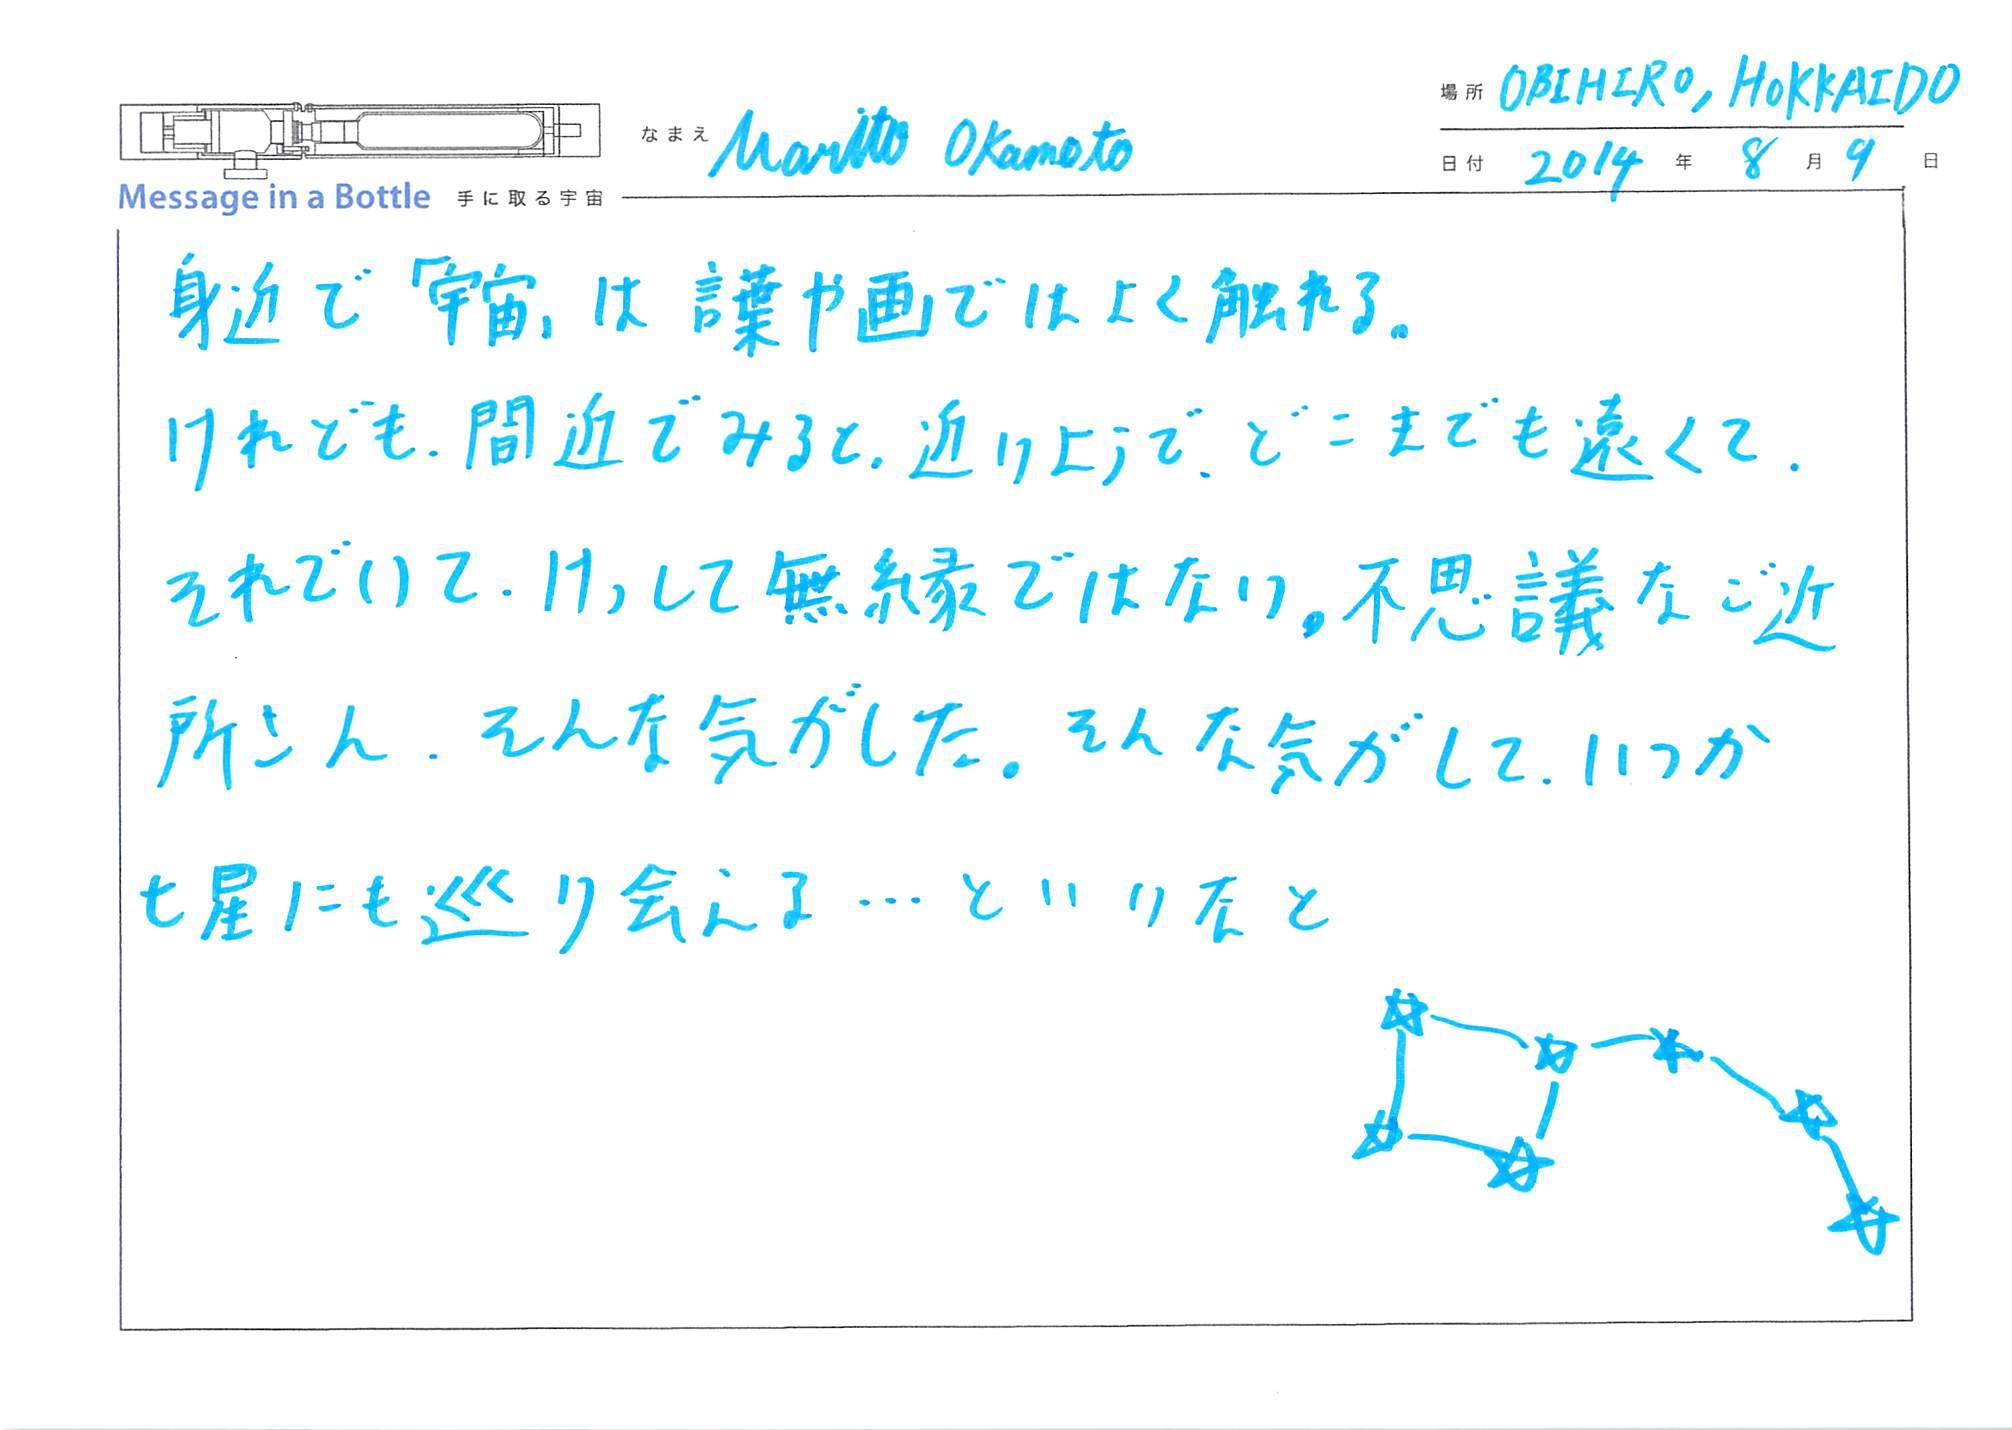 2014-08-09-19-37-55.jpg